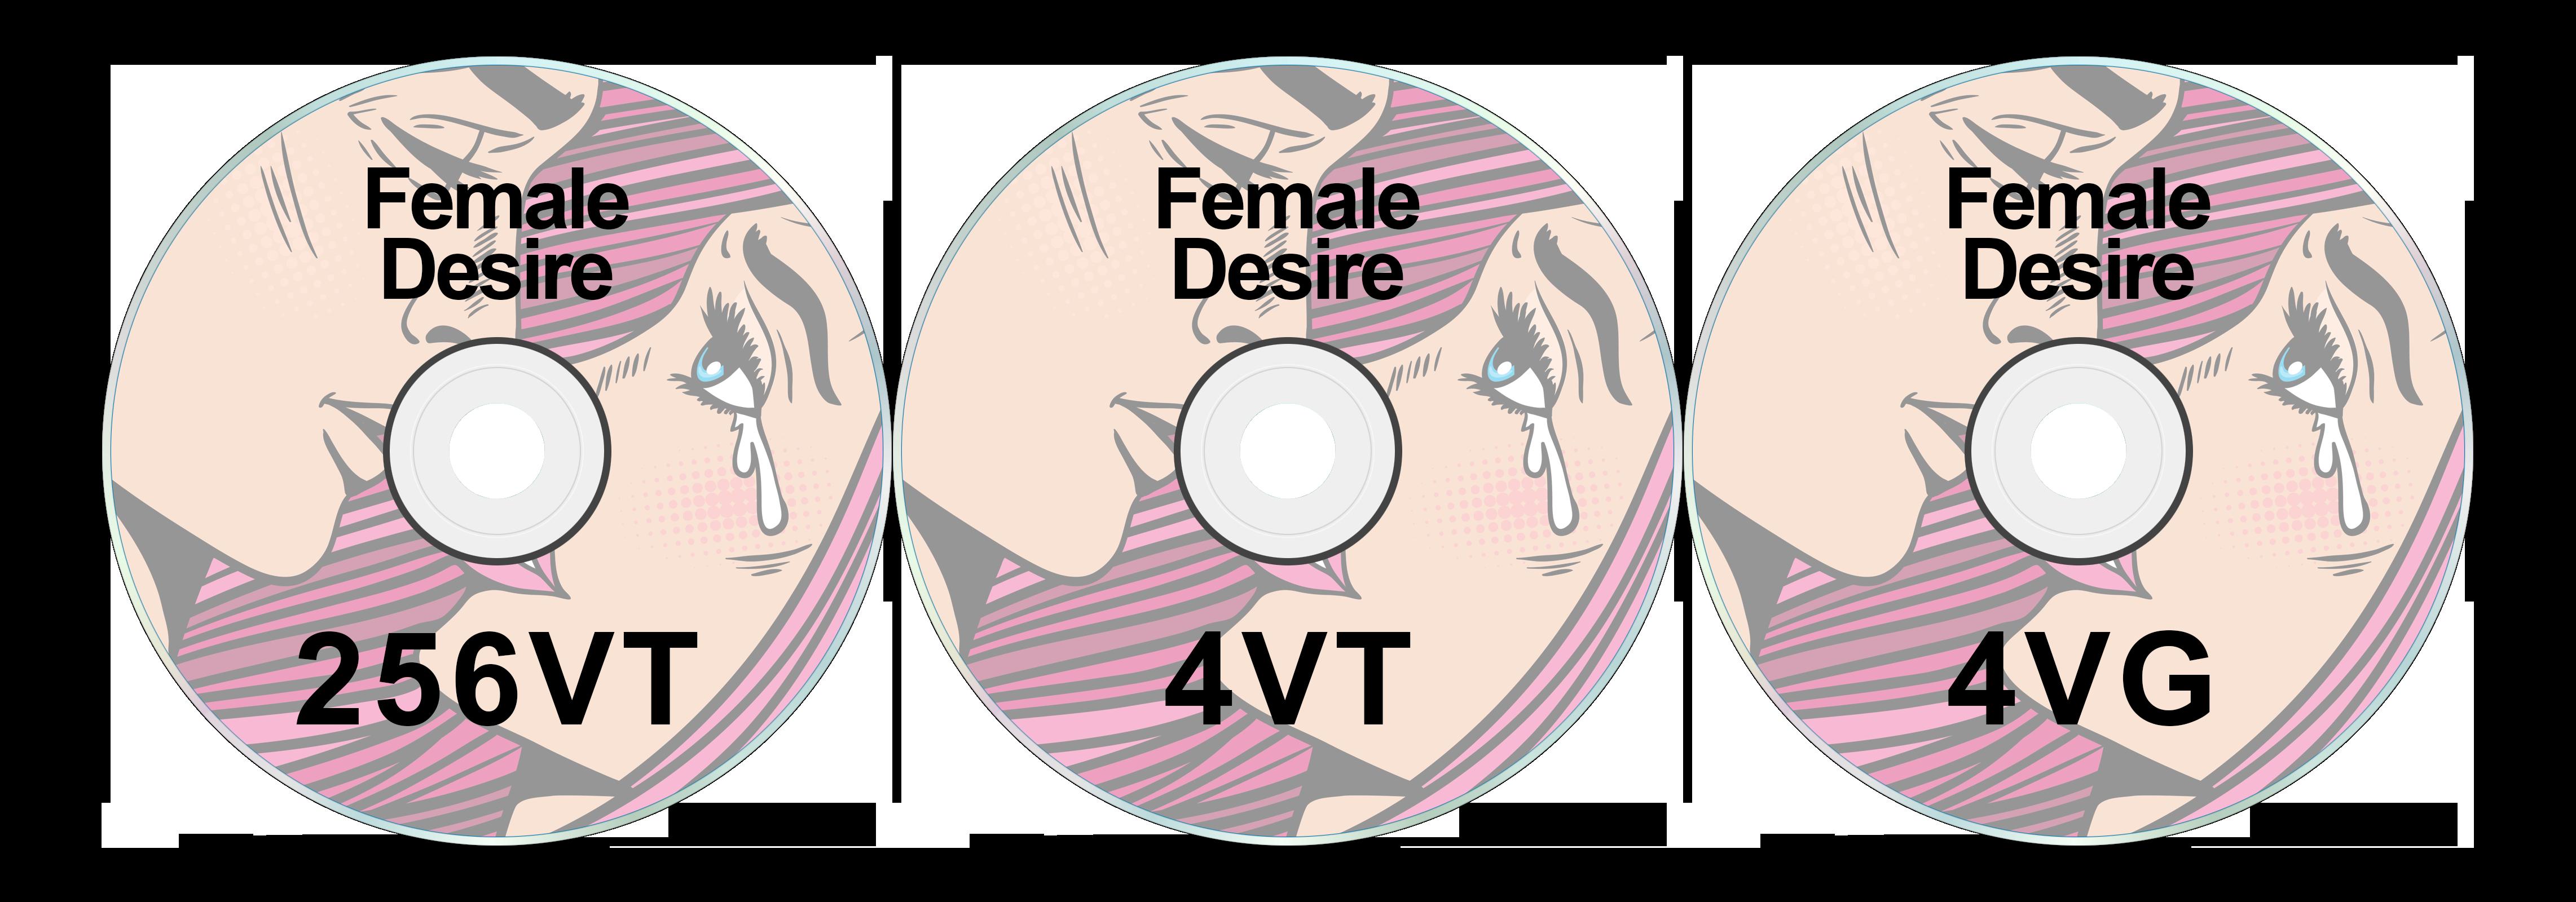 Female Desire